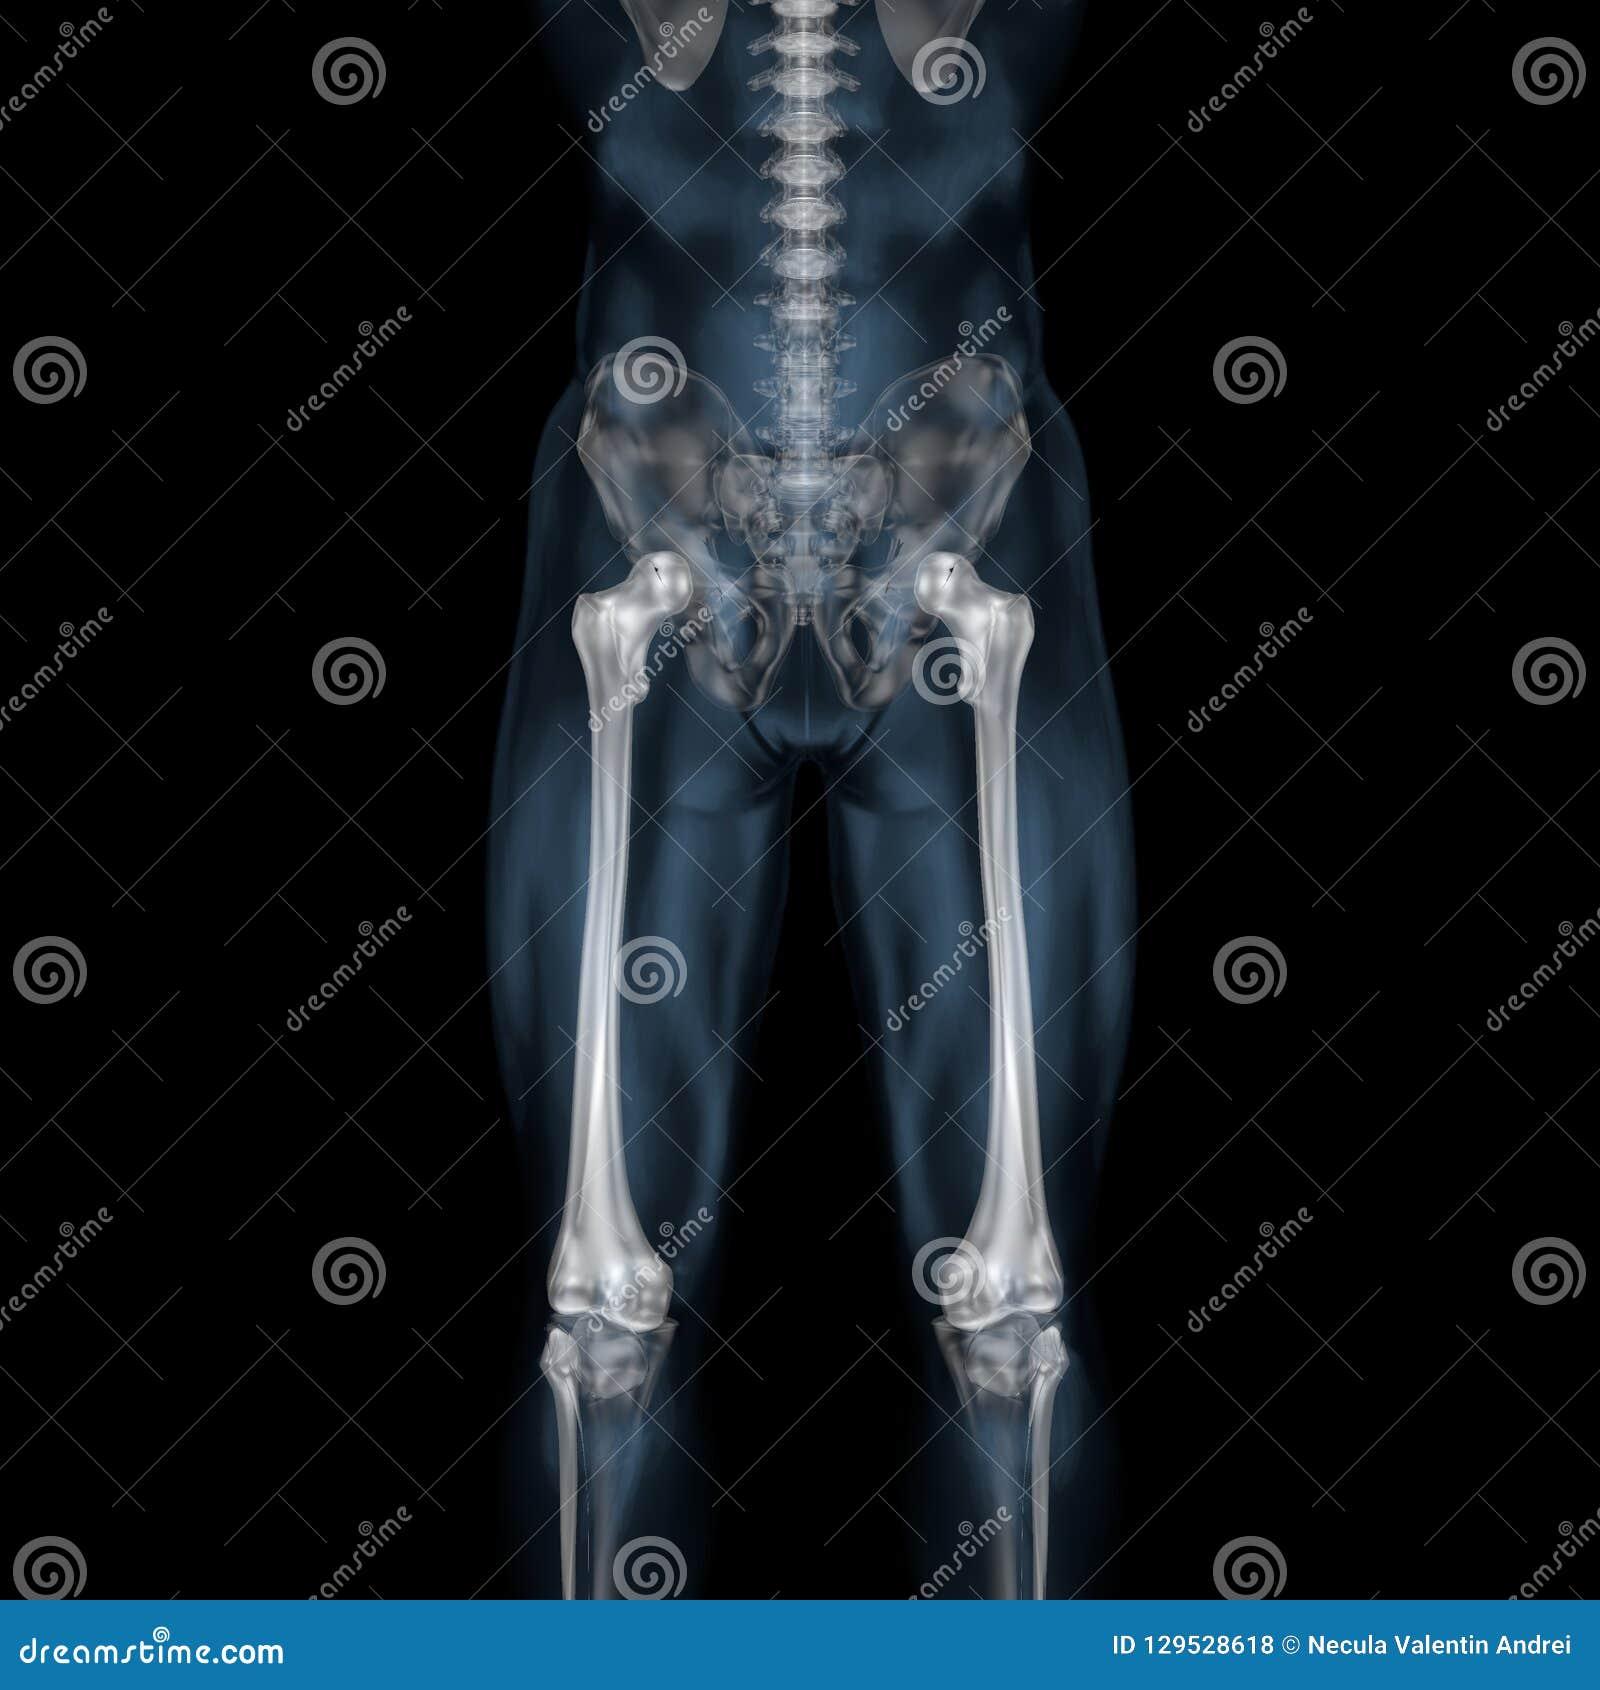 3d Illustration Of Human Body Skeletal Femur Stock